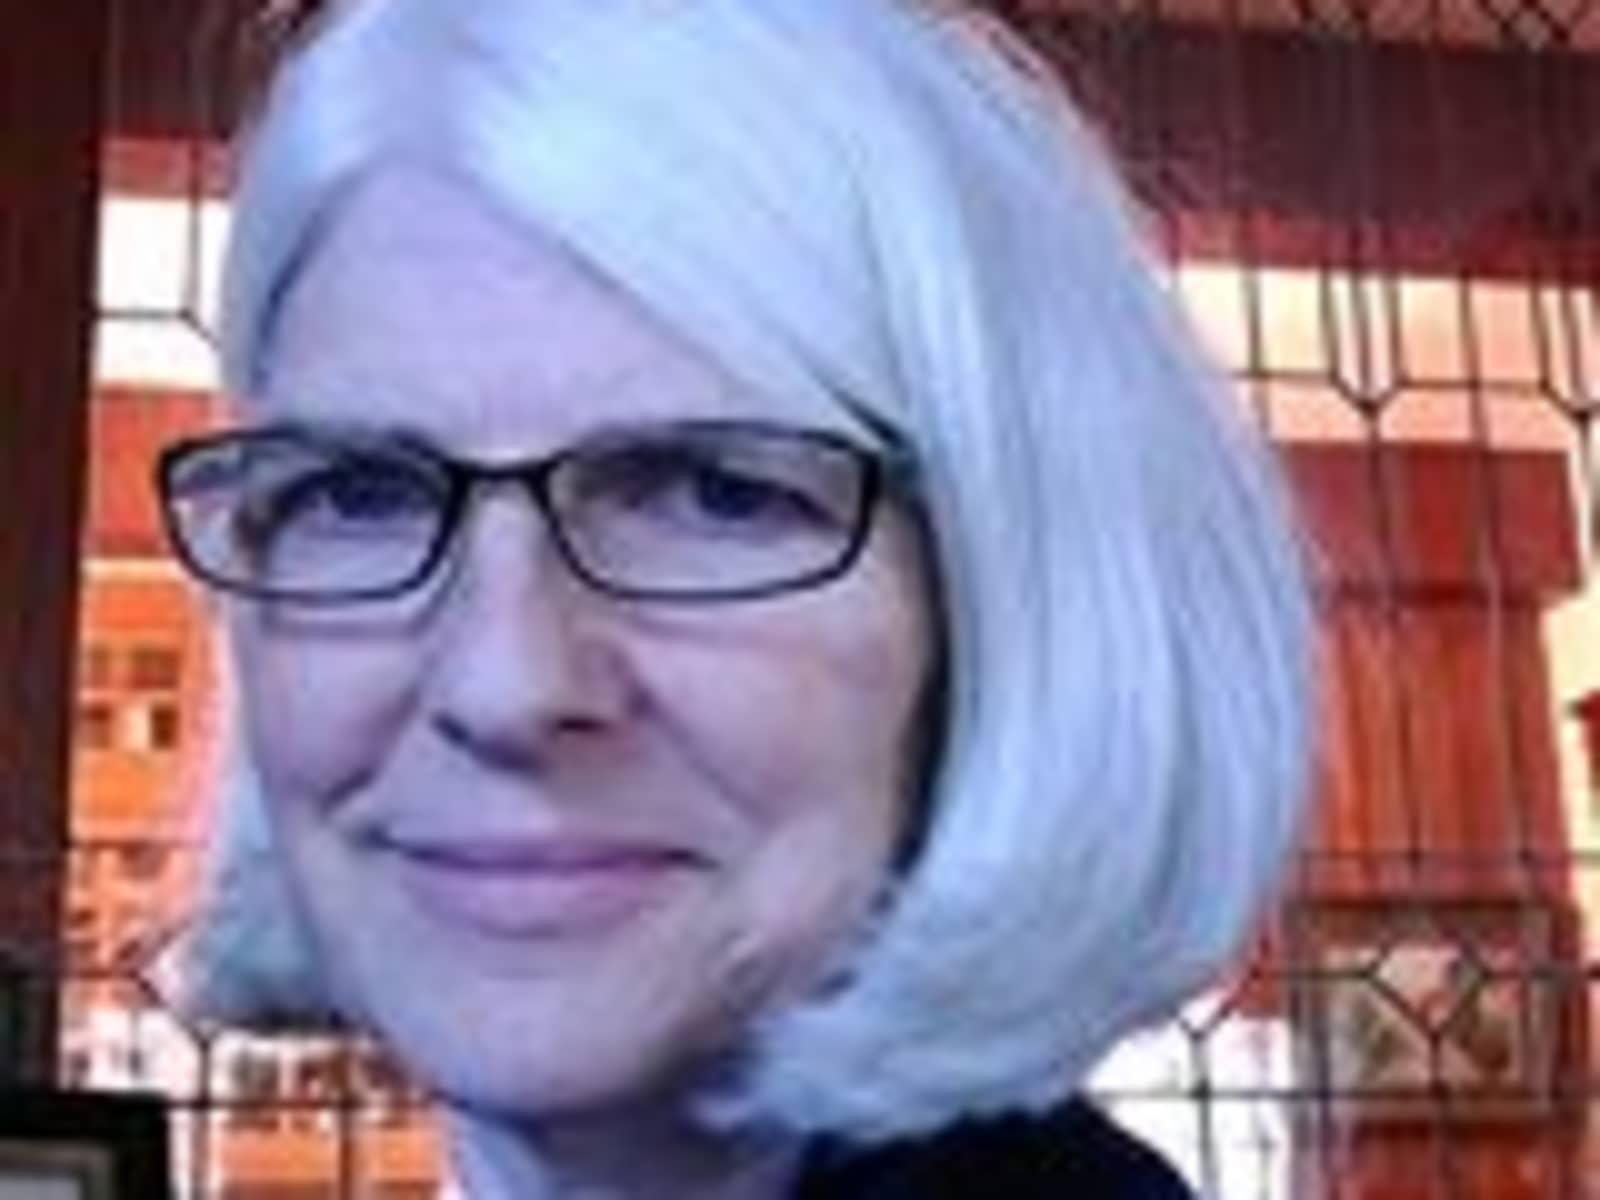 Elizabeth from Indianapolis, Indiana, United States